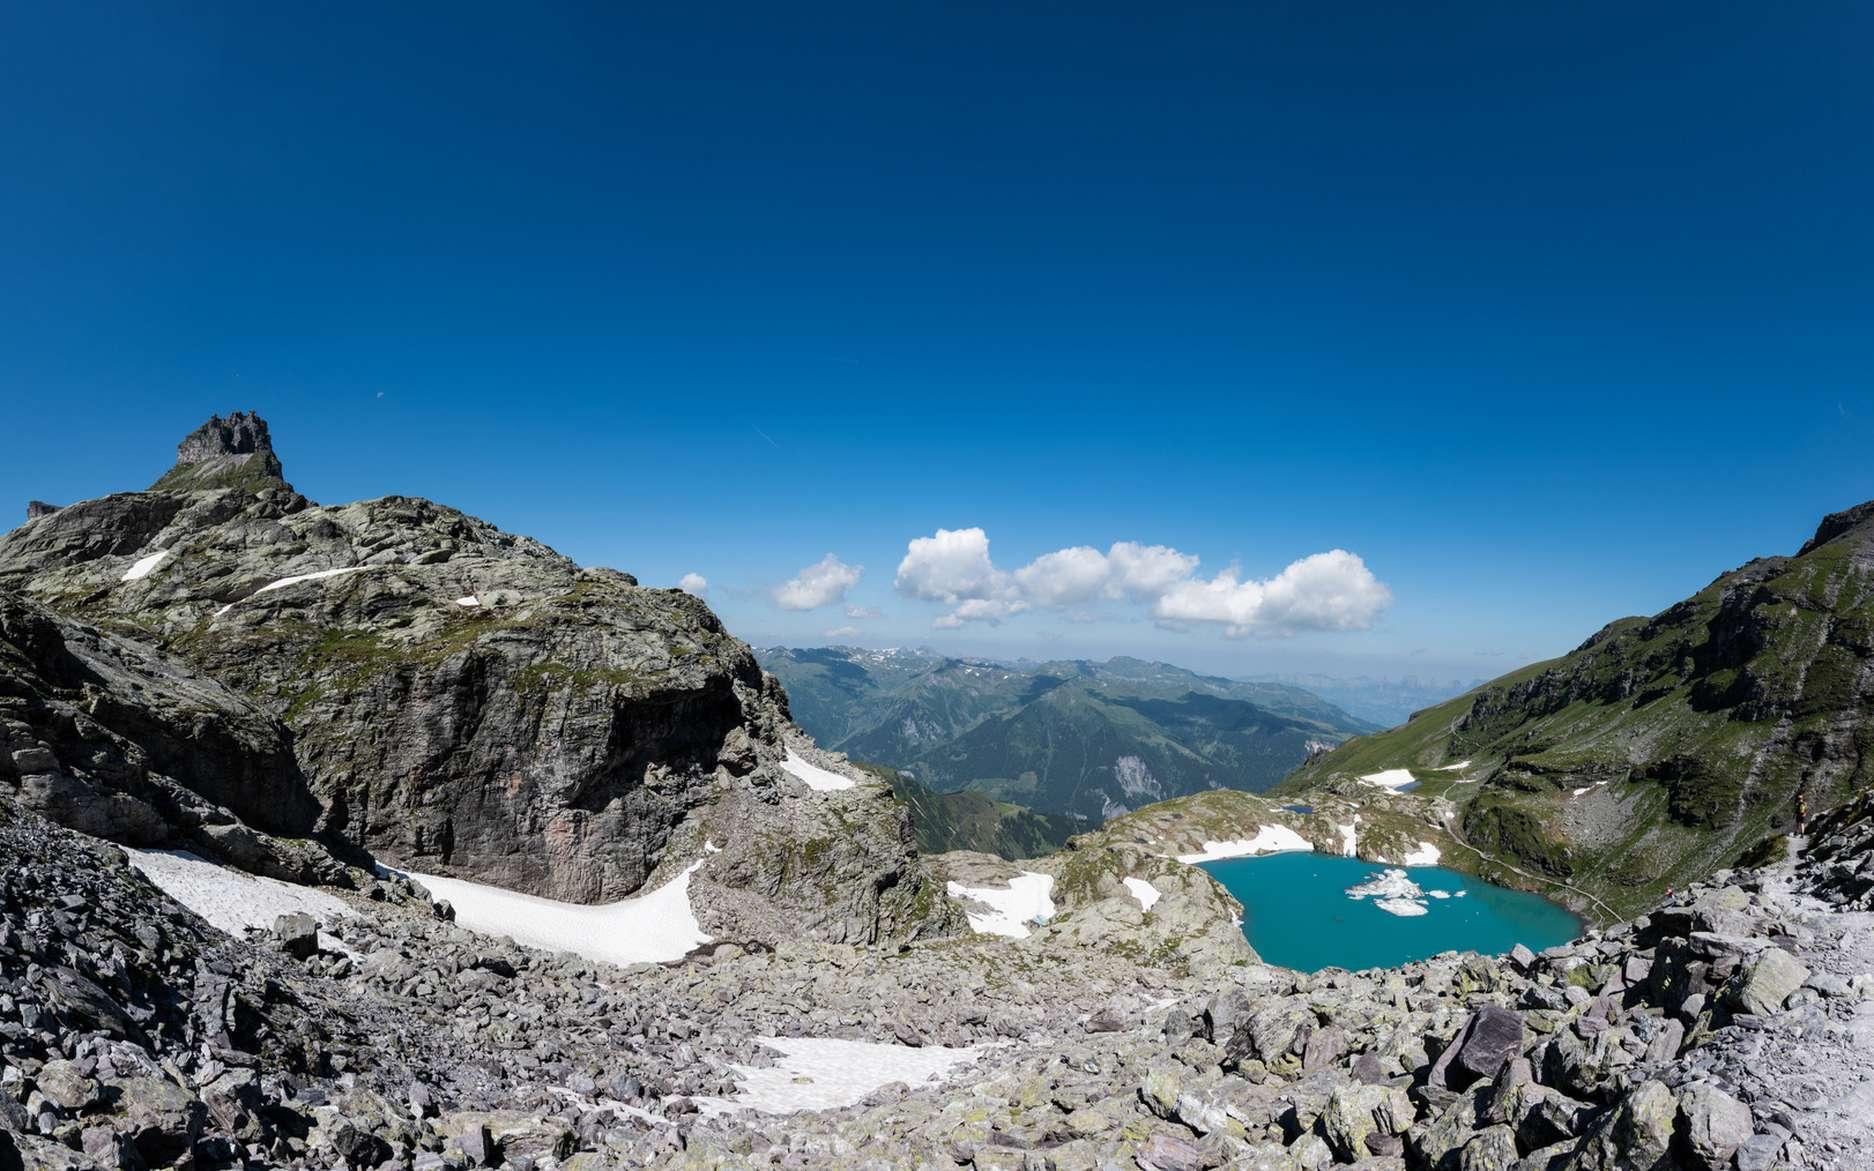 Le Pizol en Suisse a perdu 80 à 90 % de son volume, depuis 2006. © IvanaLea, Fotolia